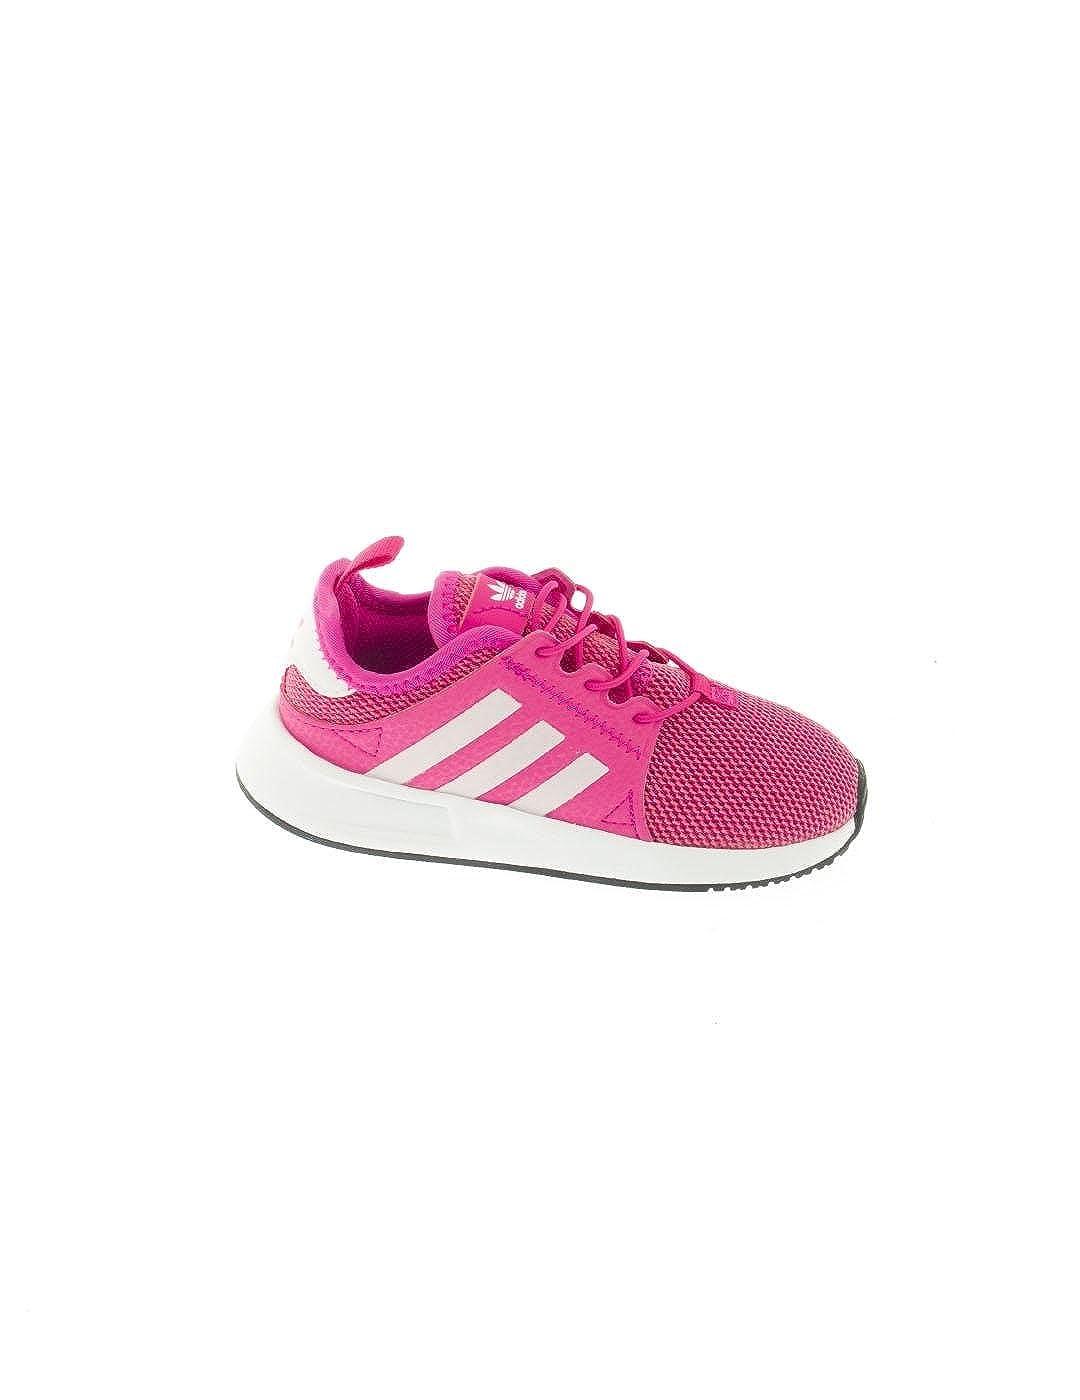 Zapatilla Adidas Xplorer Fucxia 27: Amazon.es: Zapatos y complementos